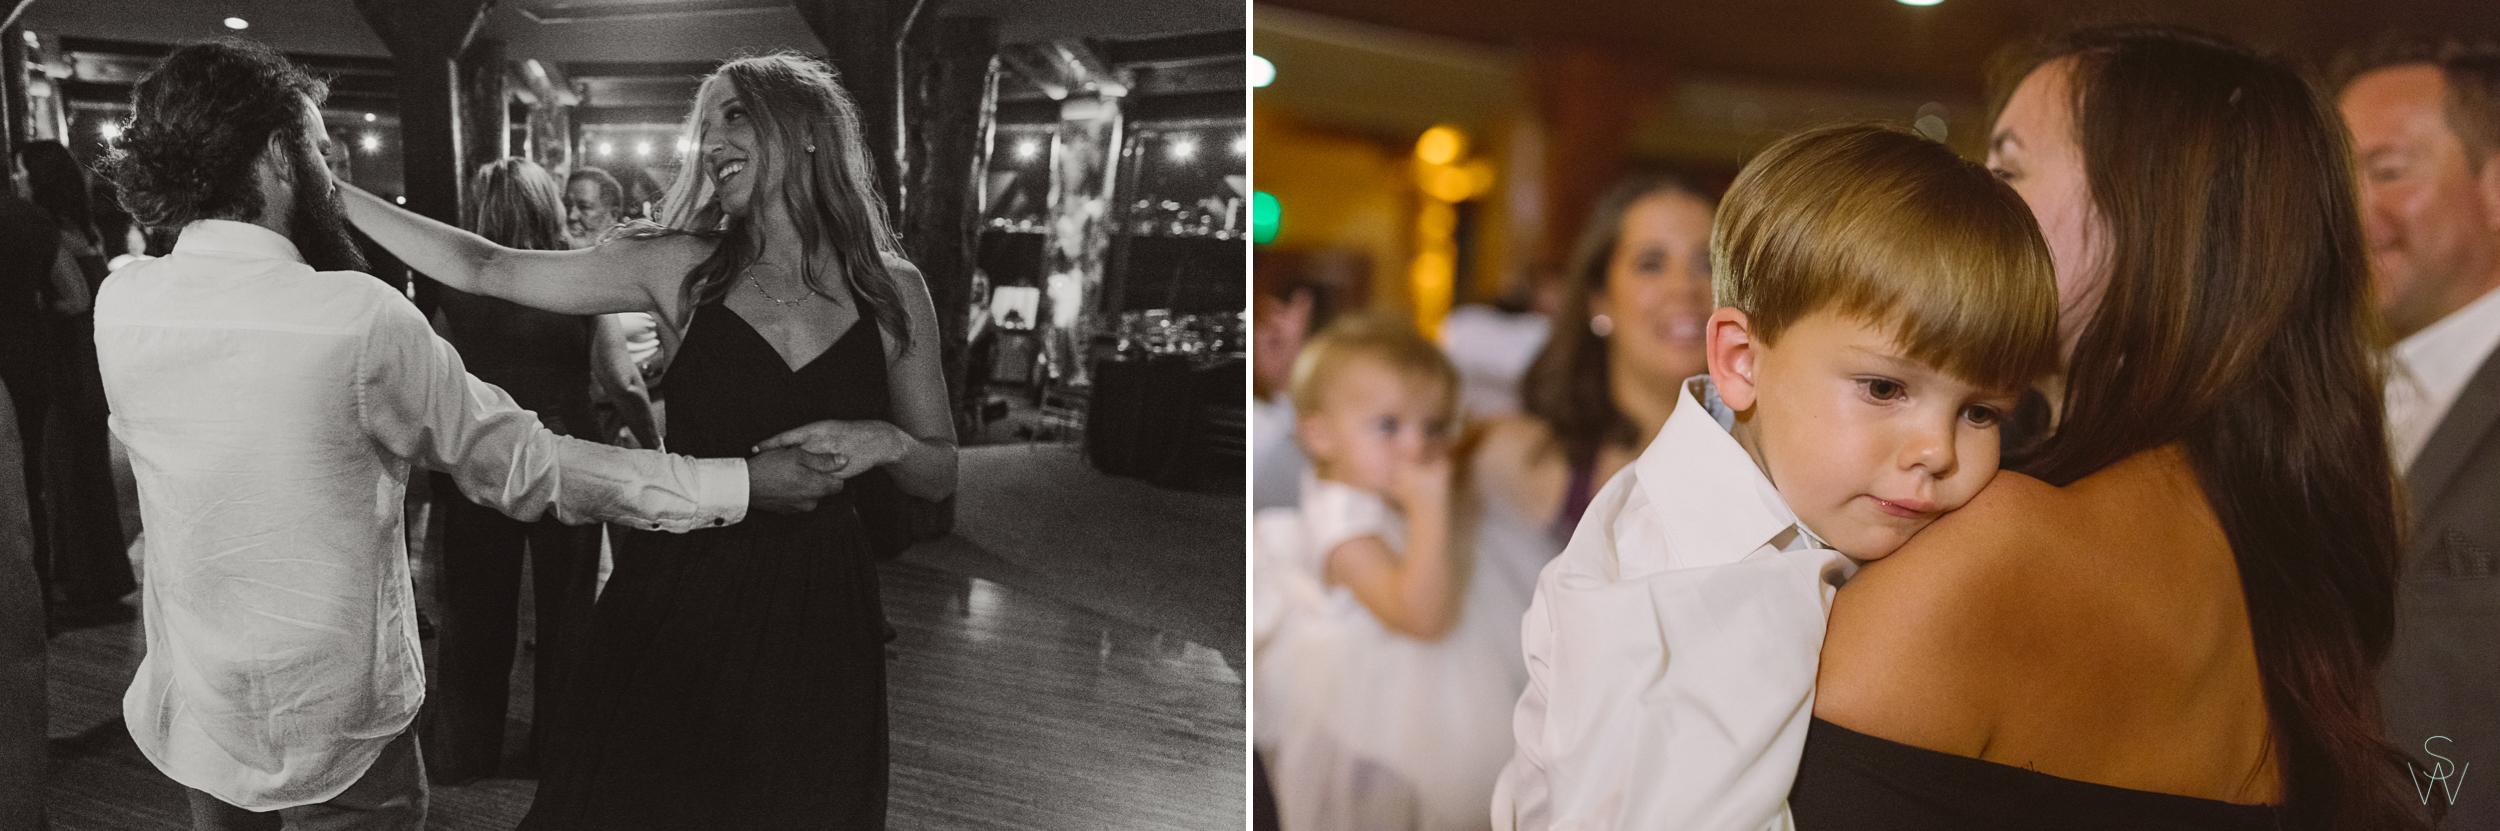 196San.diego.wedding.shewanders.photography.JPG